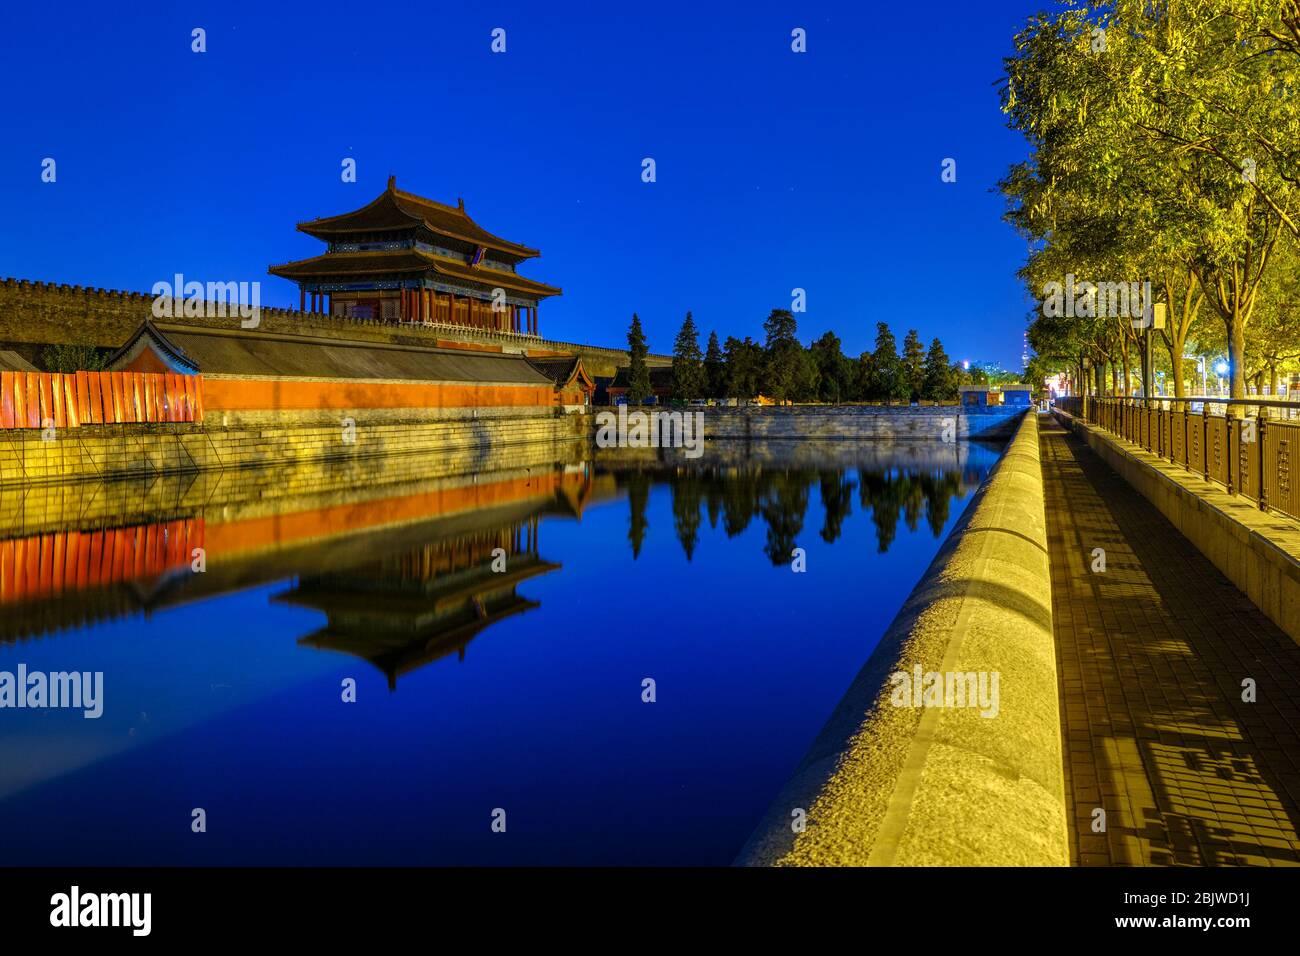 La porte de la puissance divine, porte de sortie nord du musée du Palais de la Cité interdite, reflétant dans la maté d'eau à Beijing, Chine Banque D'Images